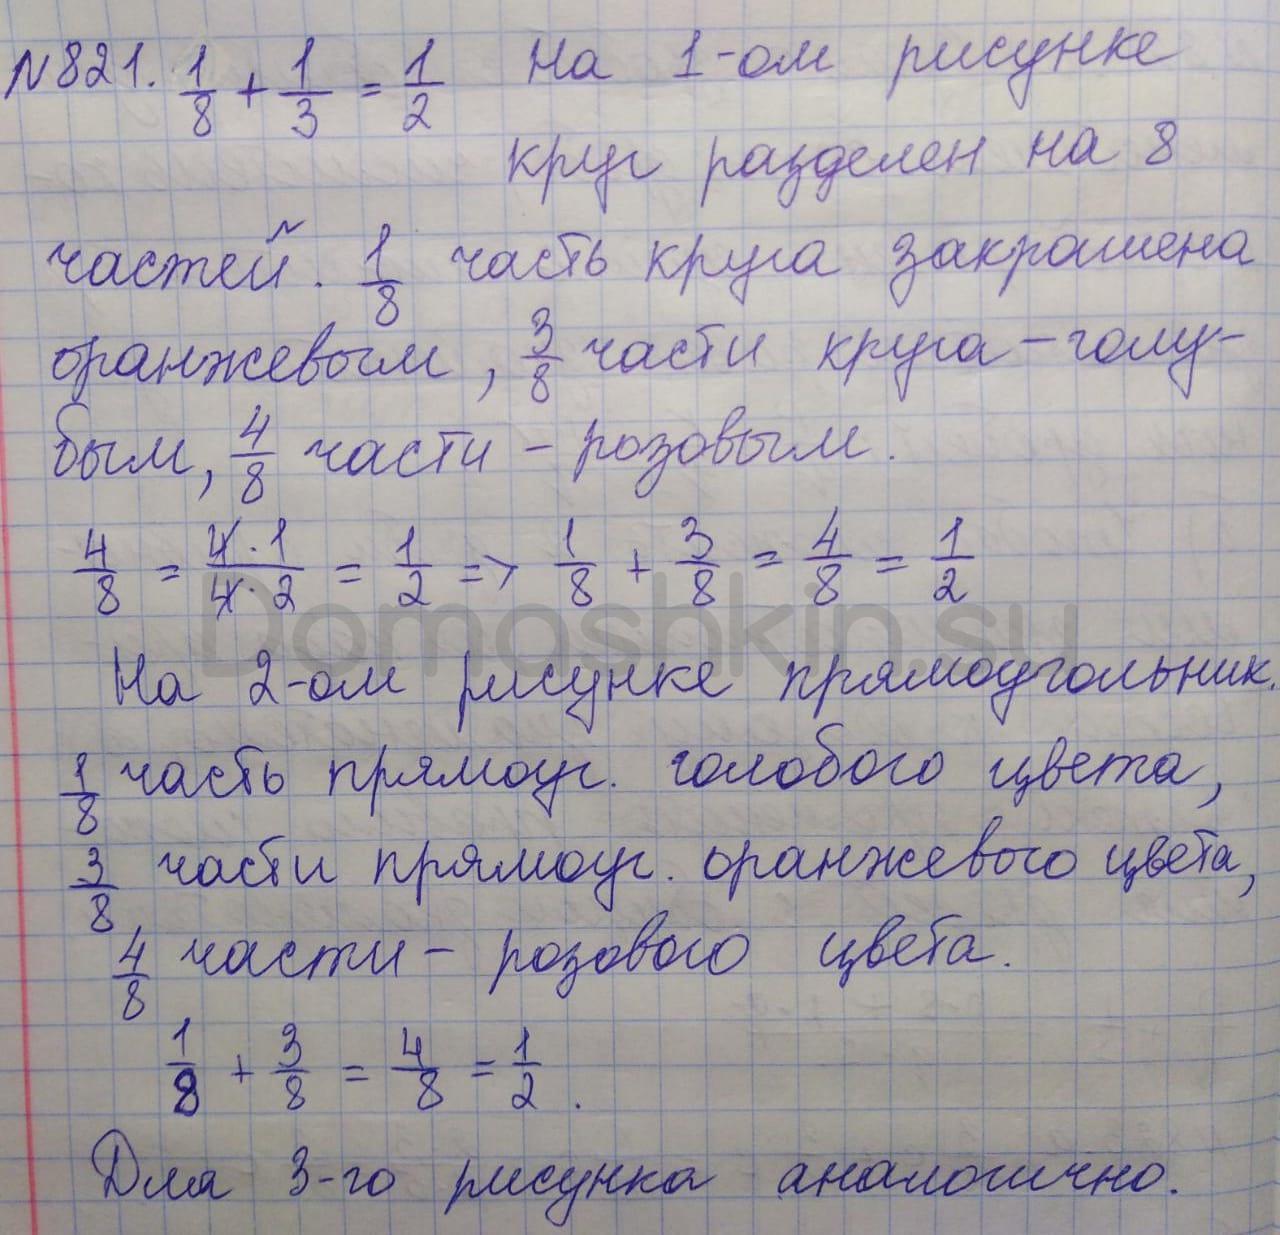 Математика 5 класс учебник Никольский номер 821 решение